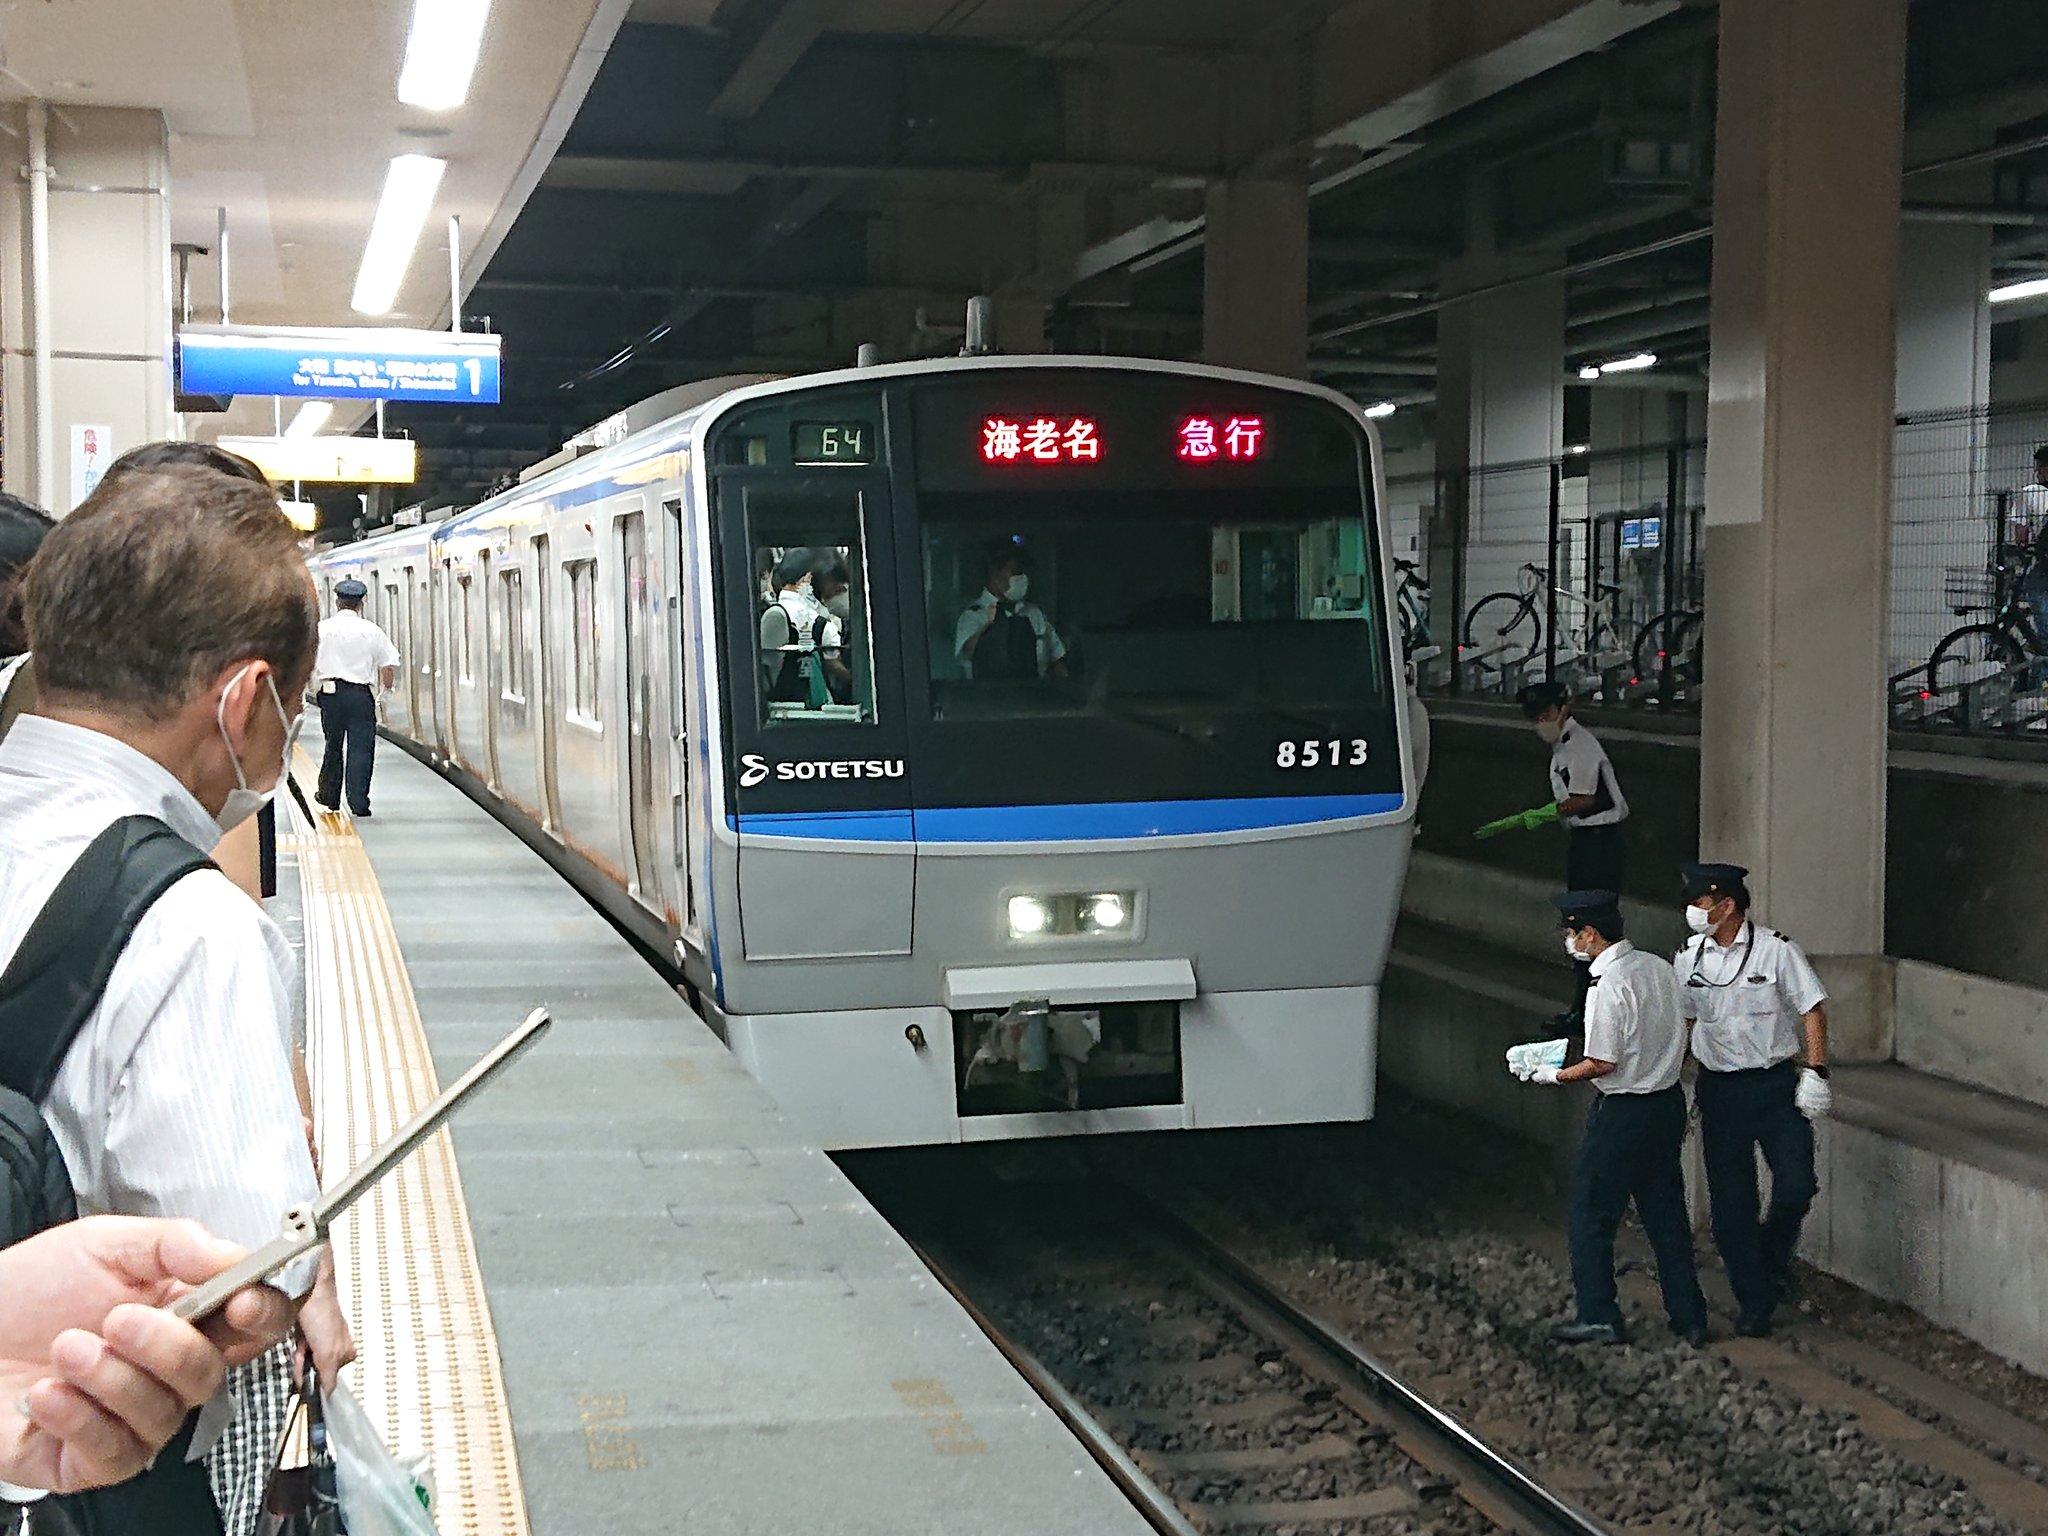 相鉄本線の二俣川駅の人身事故現場の画像